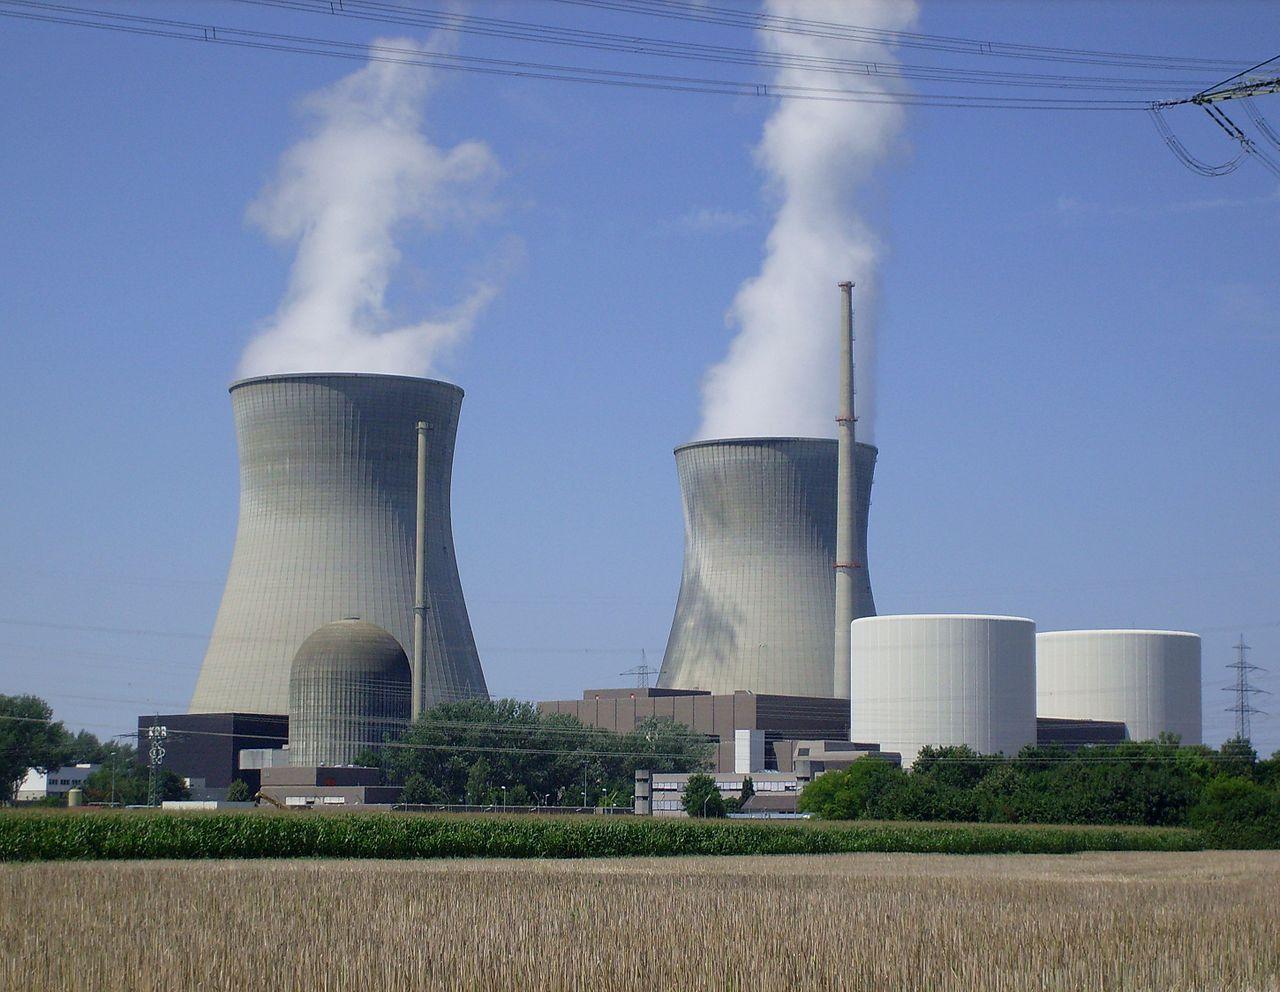 Конституционный суд ФРГ удовлетворил иск о компенсациях за отказ от атомной энергетики